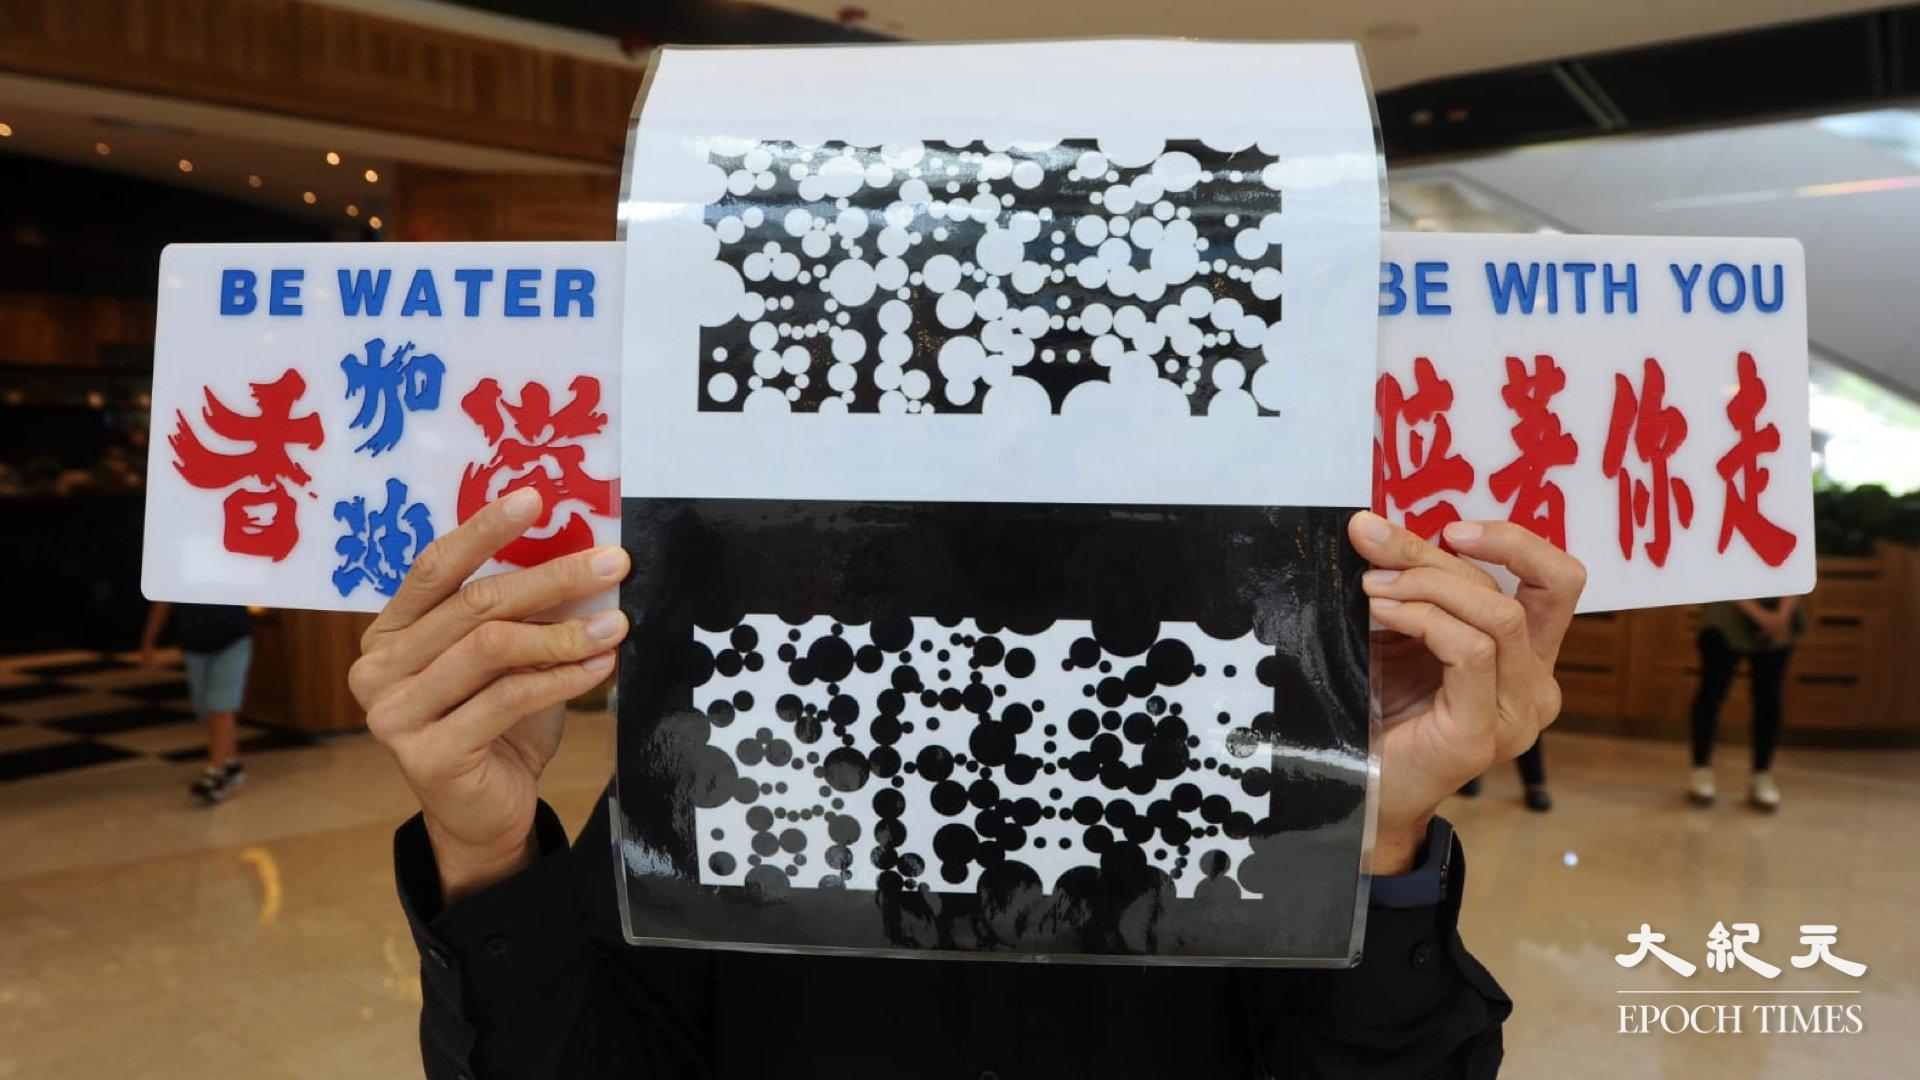 有手持異體字的「光復香港,時代革命」的標語遭到盤查並被攝錄,並反覆將異體的「光復香港,時代革命」進行攝錄。(宋碧龍 / 大紀元)